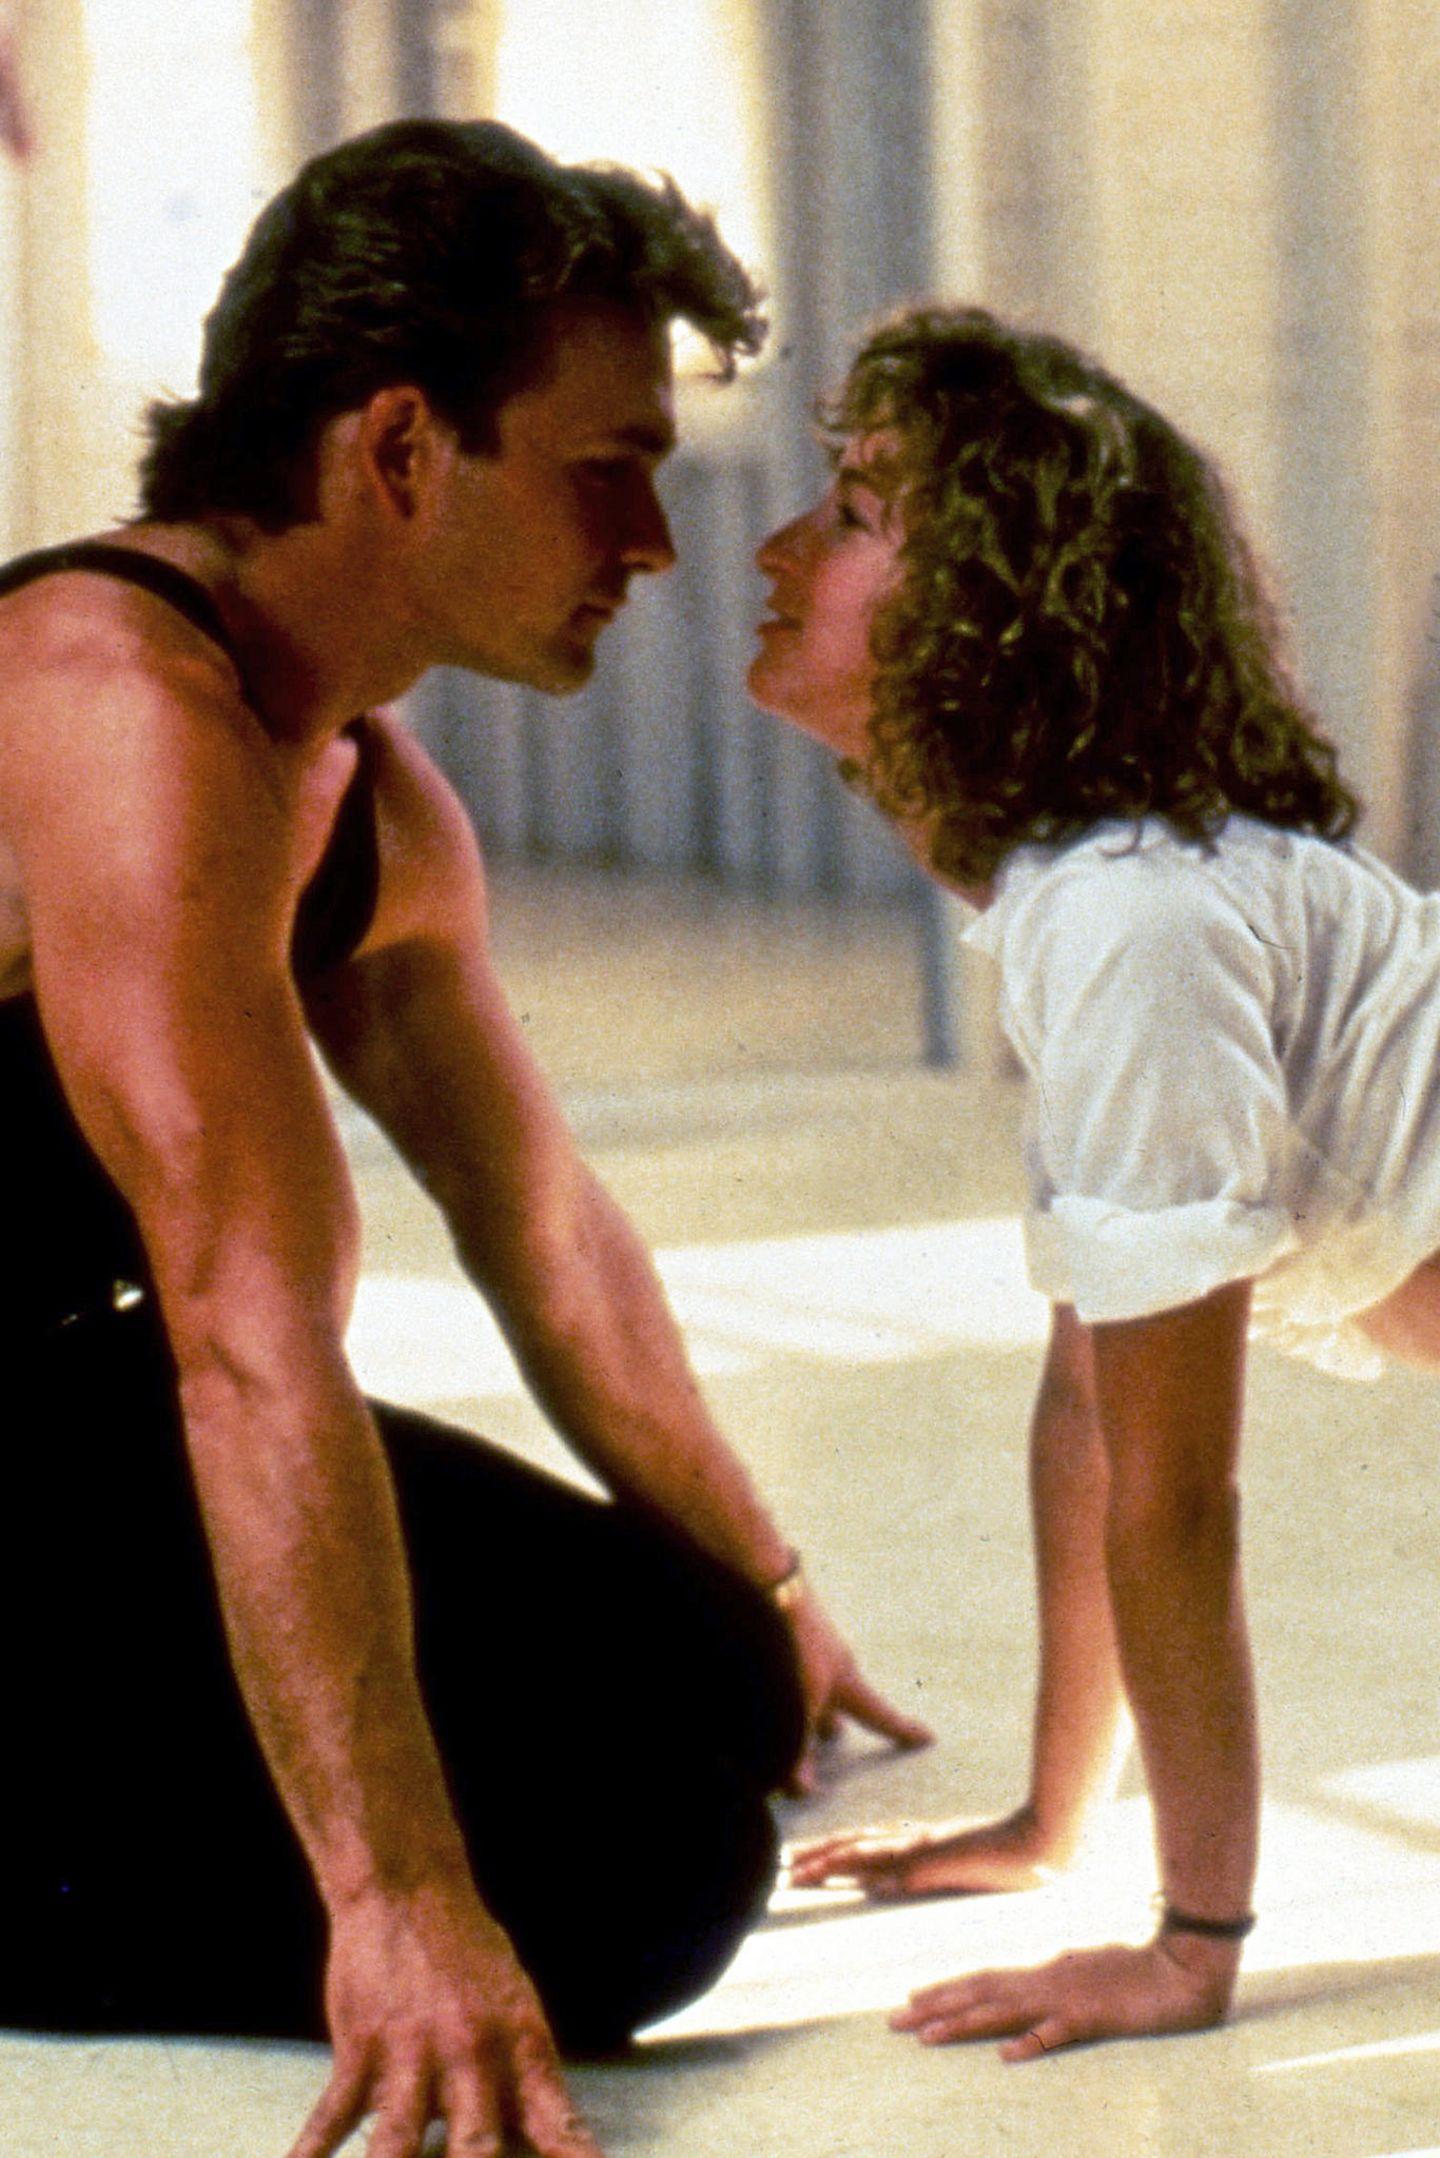 """""""Dirty Dancing"""" ist einer der erfolgreichsten Filme überhaupt, und Jennifer Grey ist als """"Baby""""an der Seite von Patrick Swayze weltberühmt geworden. Nicht zuletzt auch wegen ihrer auffälligen, aber niedlichen Nase."""